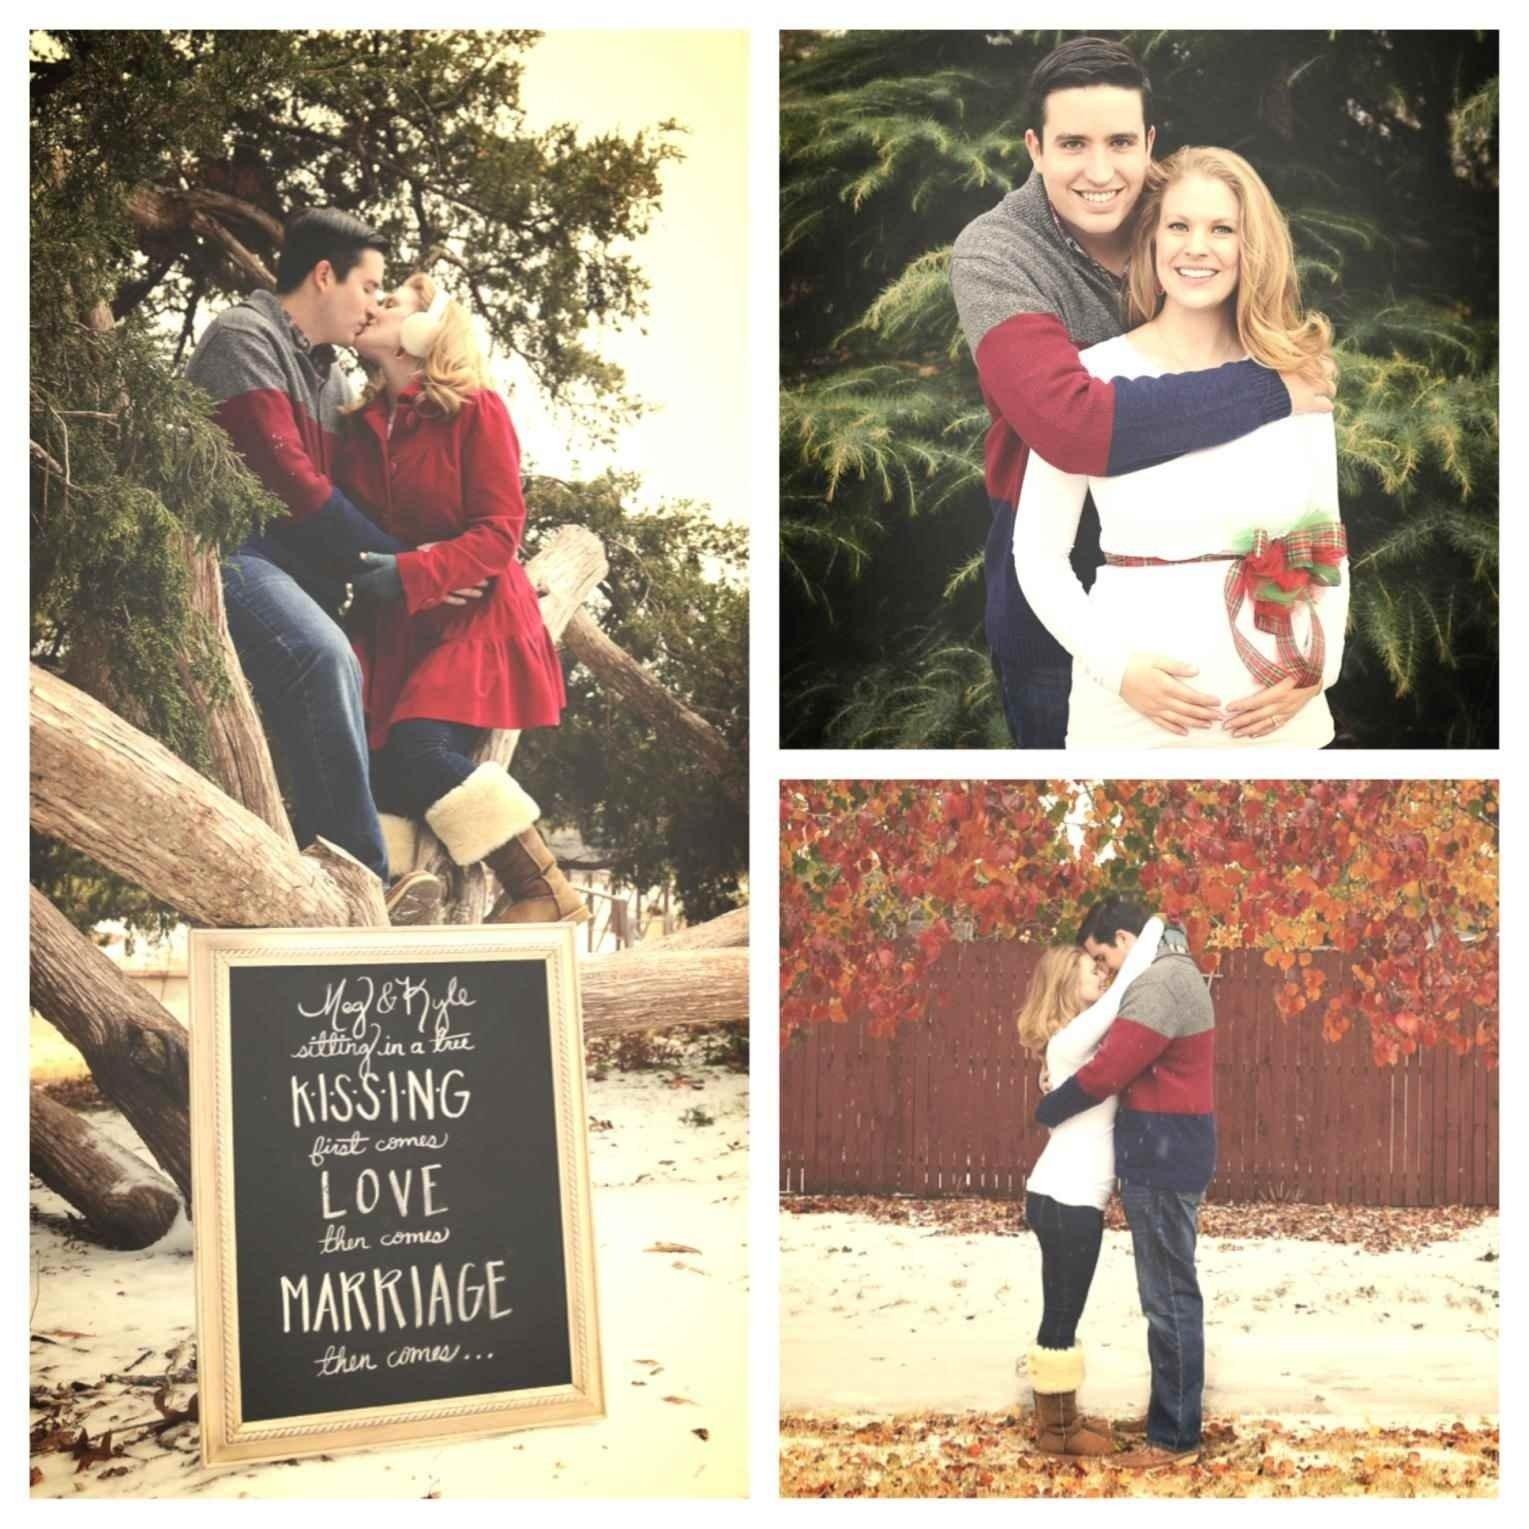 10 Lovable Funny Christmas Card Photo Ideas For Couples funny christmas card photo ideas for couples merry christmas 3 2020